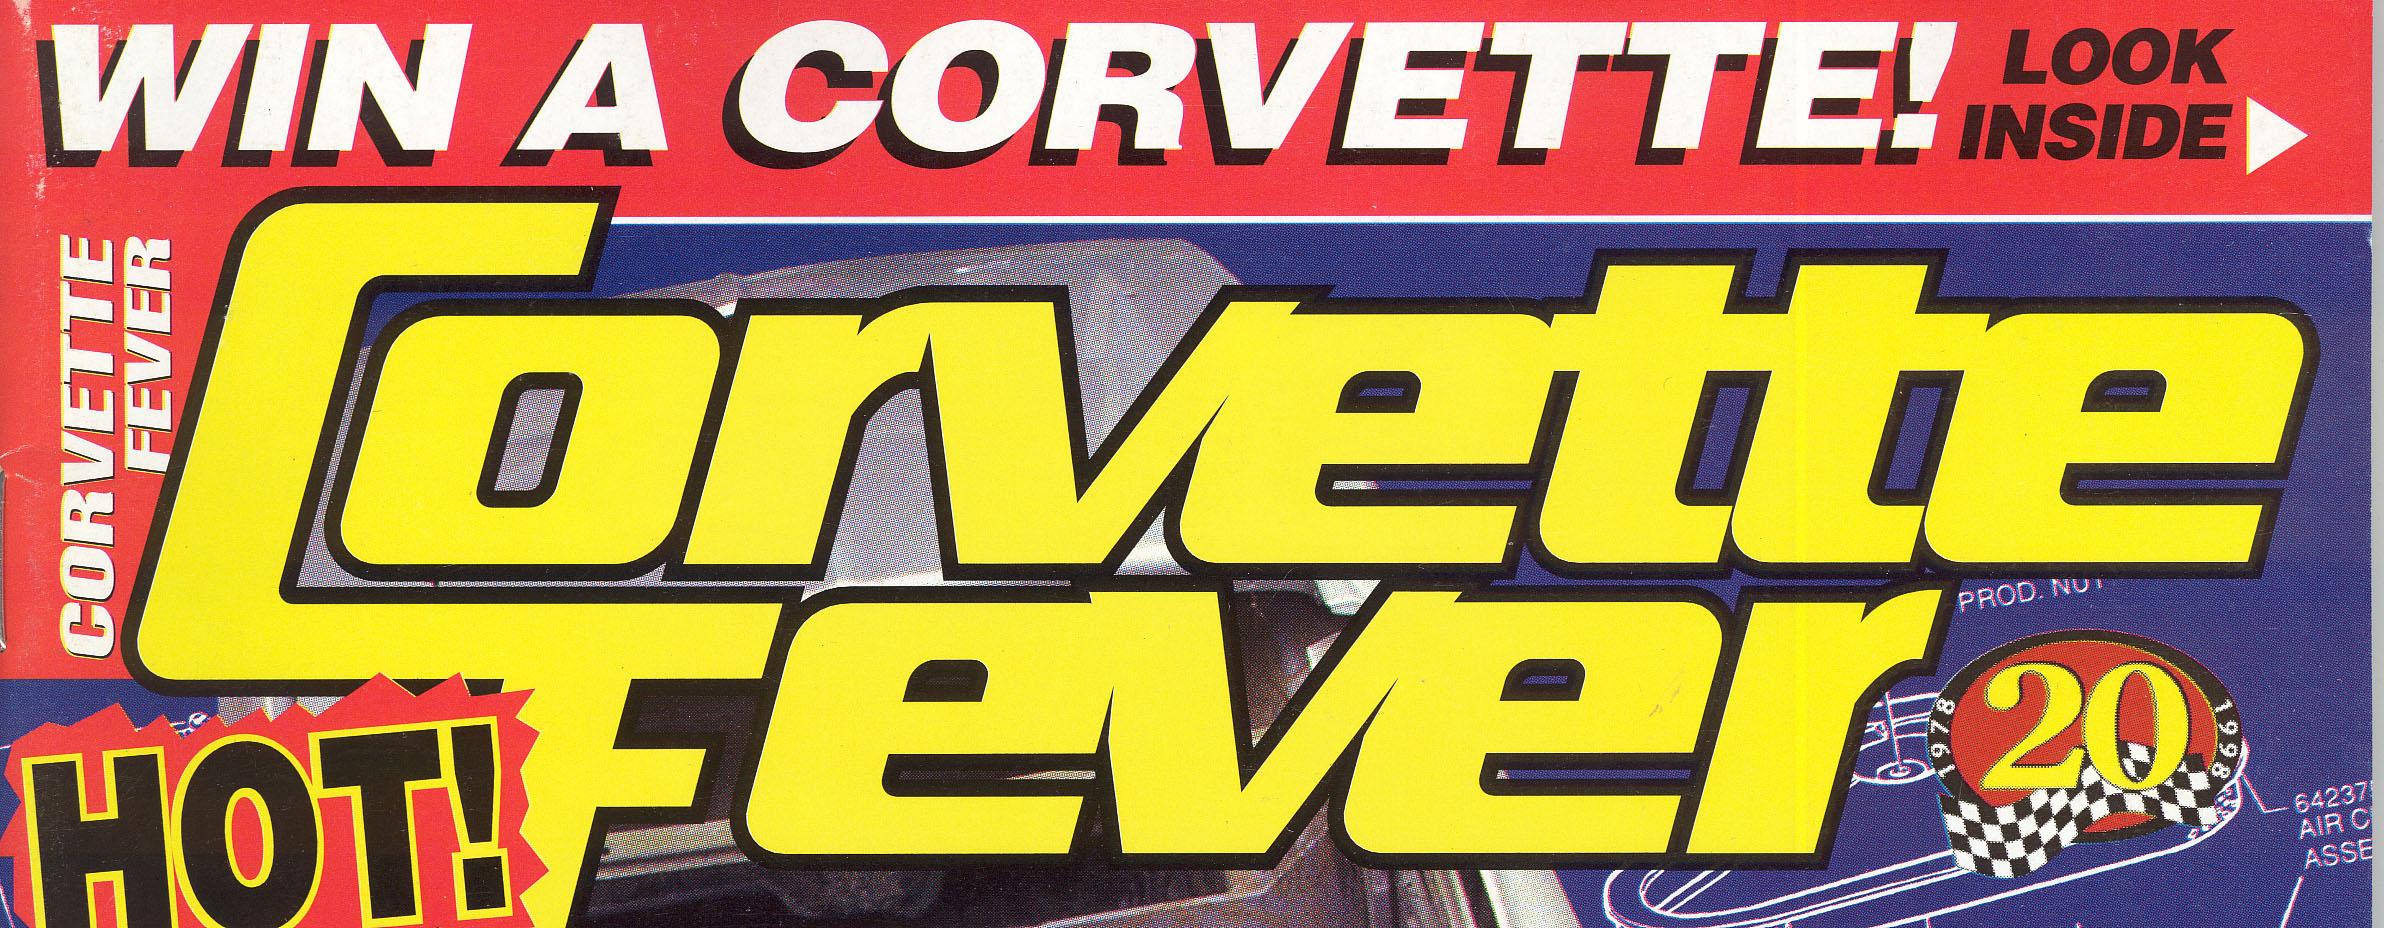 corvette-fever